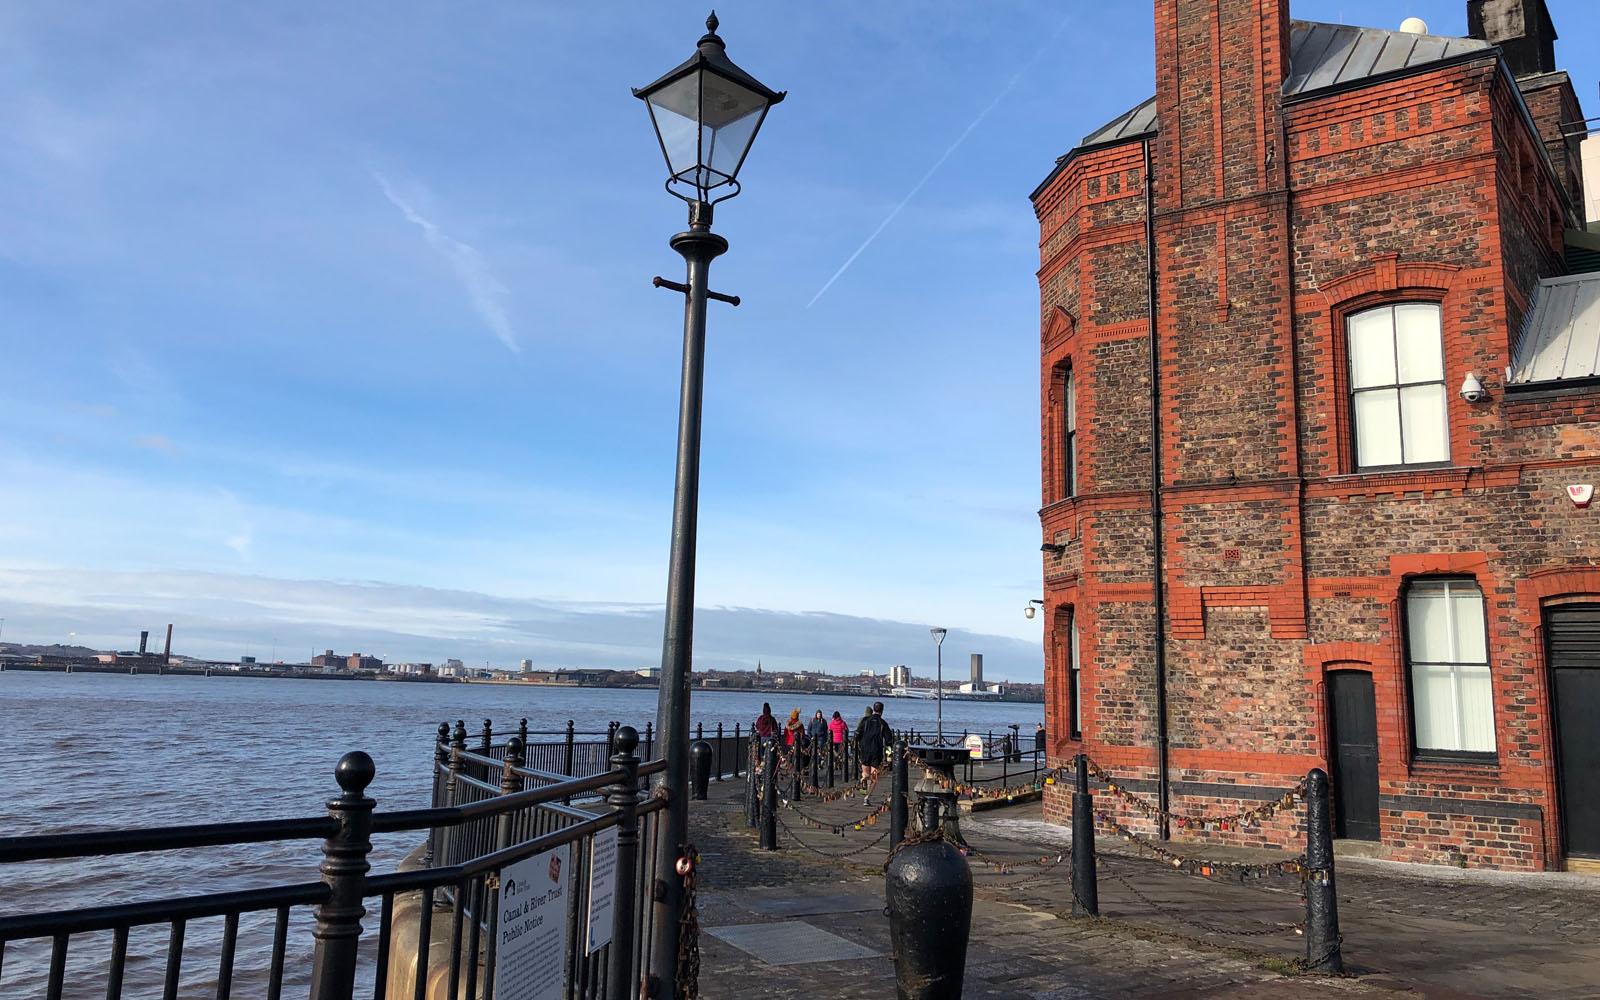 Una delle mie prospettive preferite dell'Albert Dock.